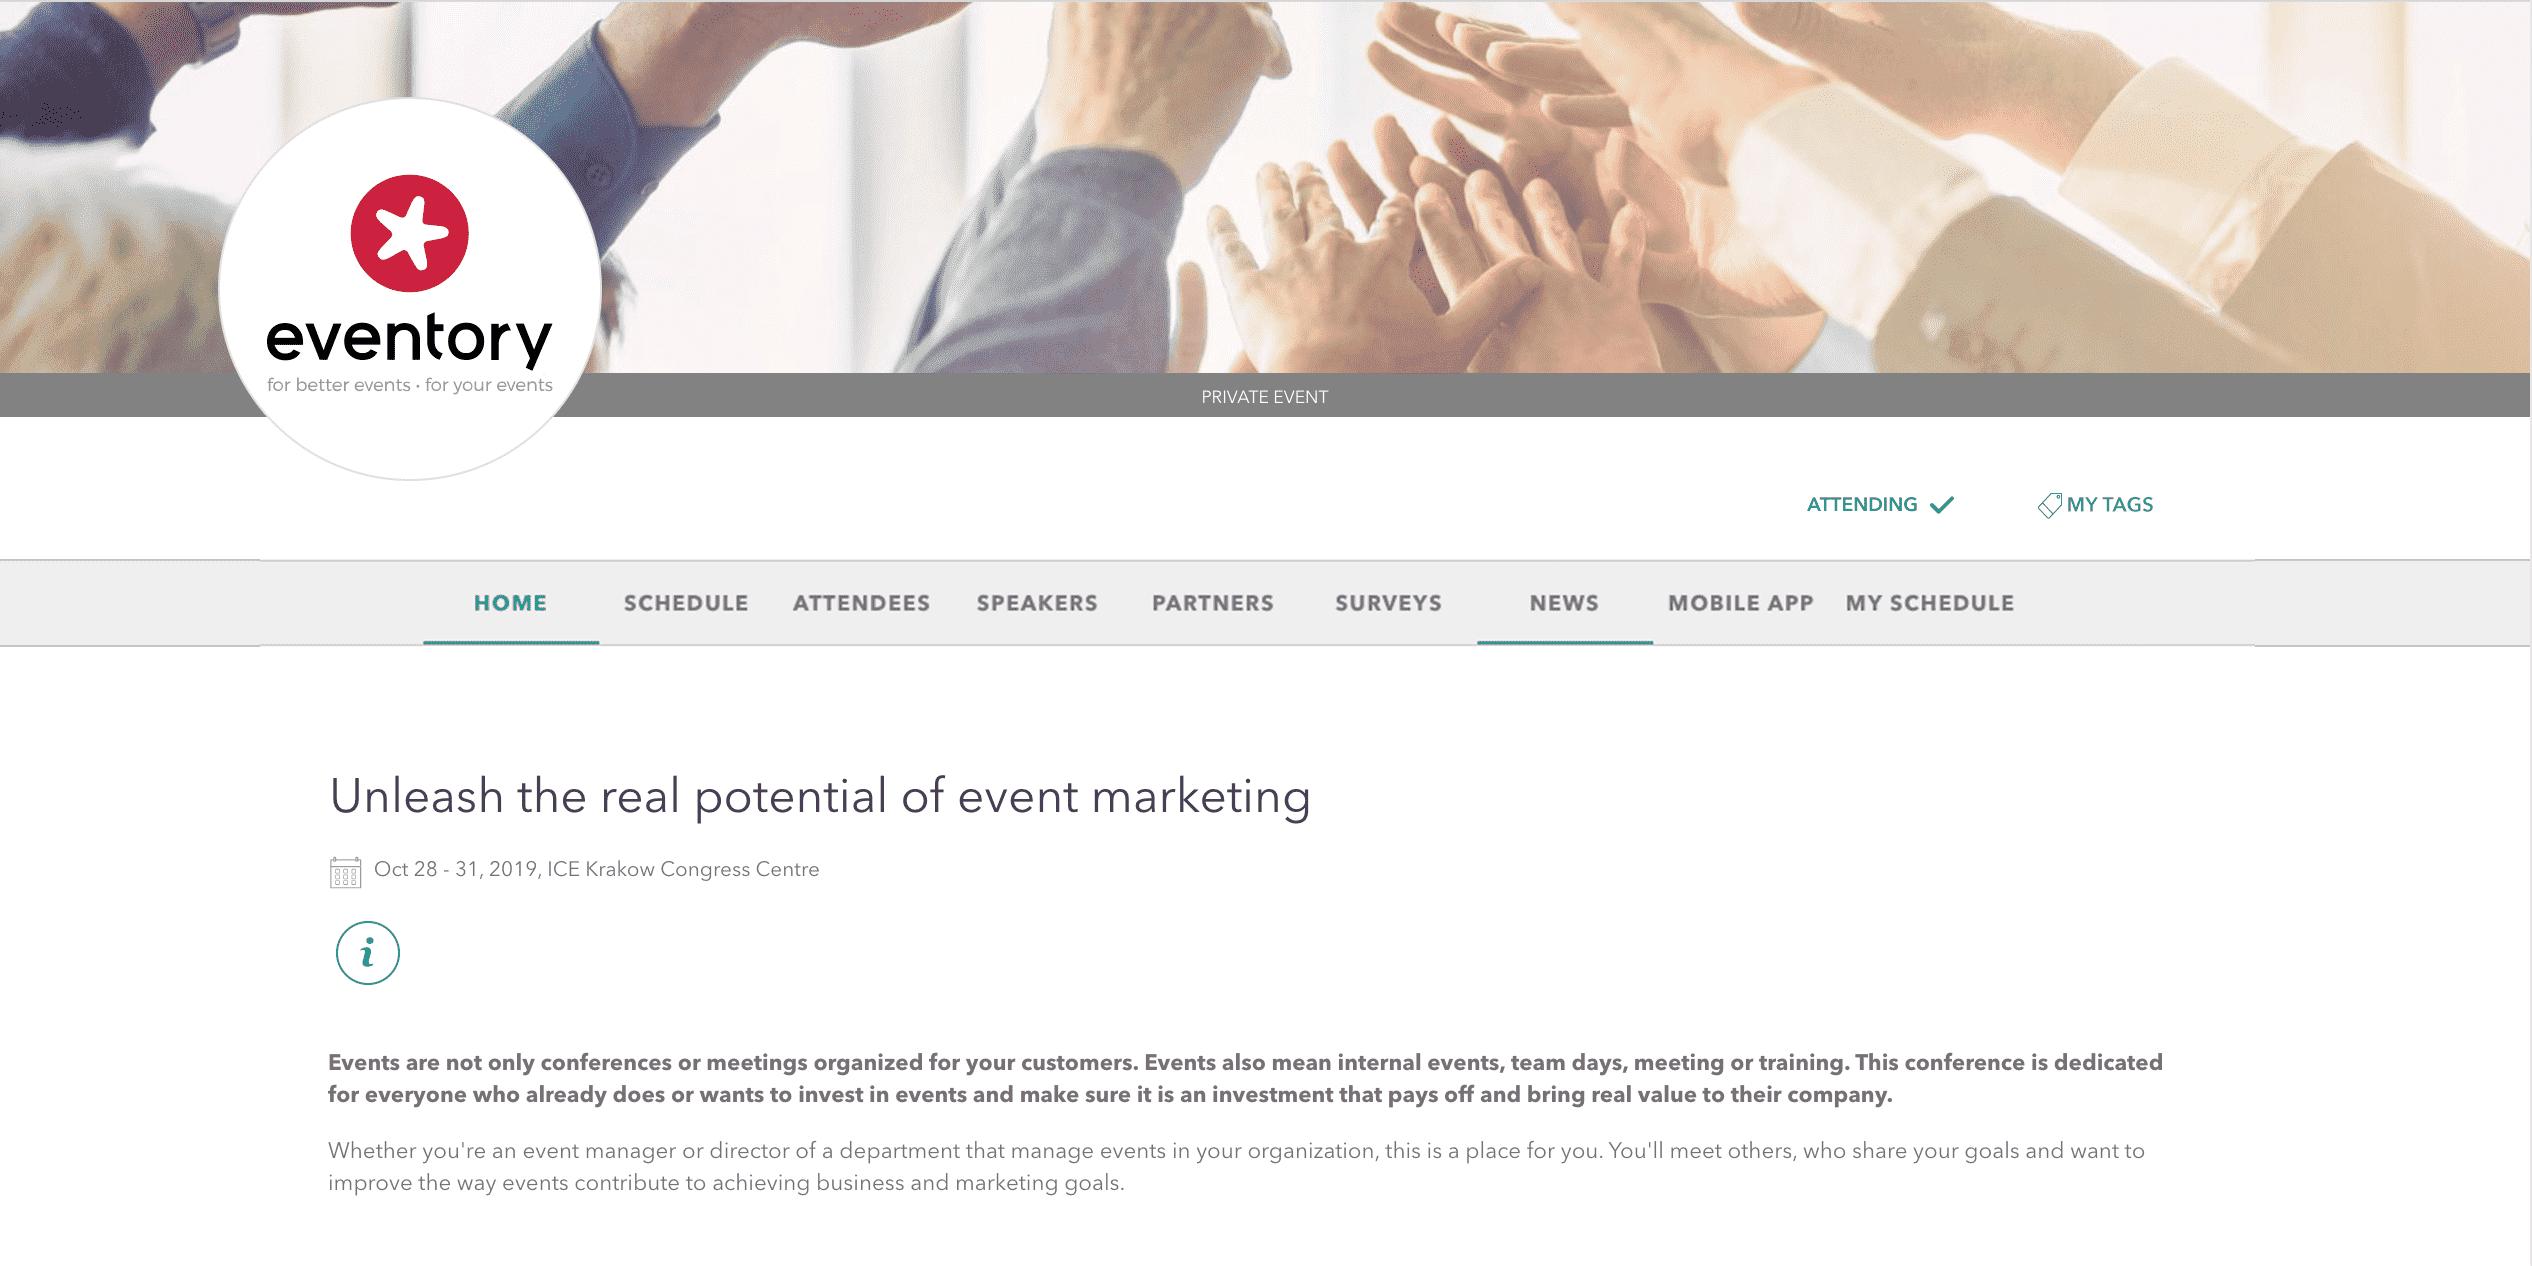 event_page_en